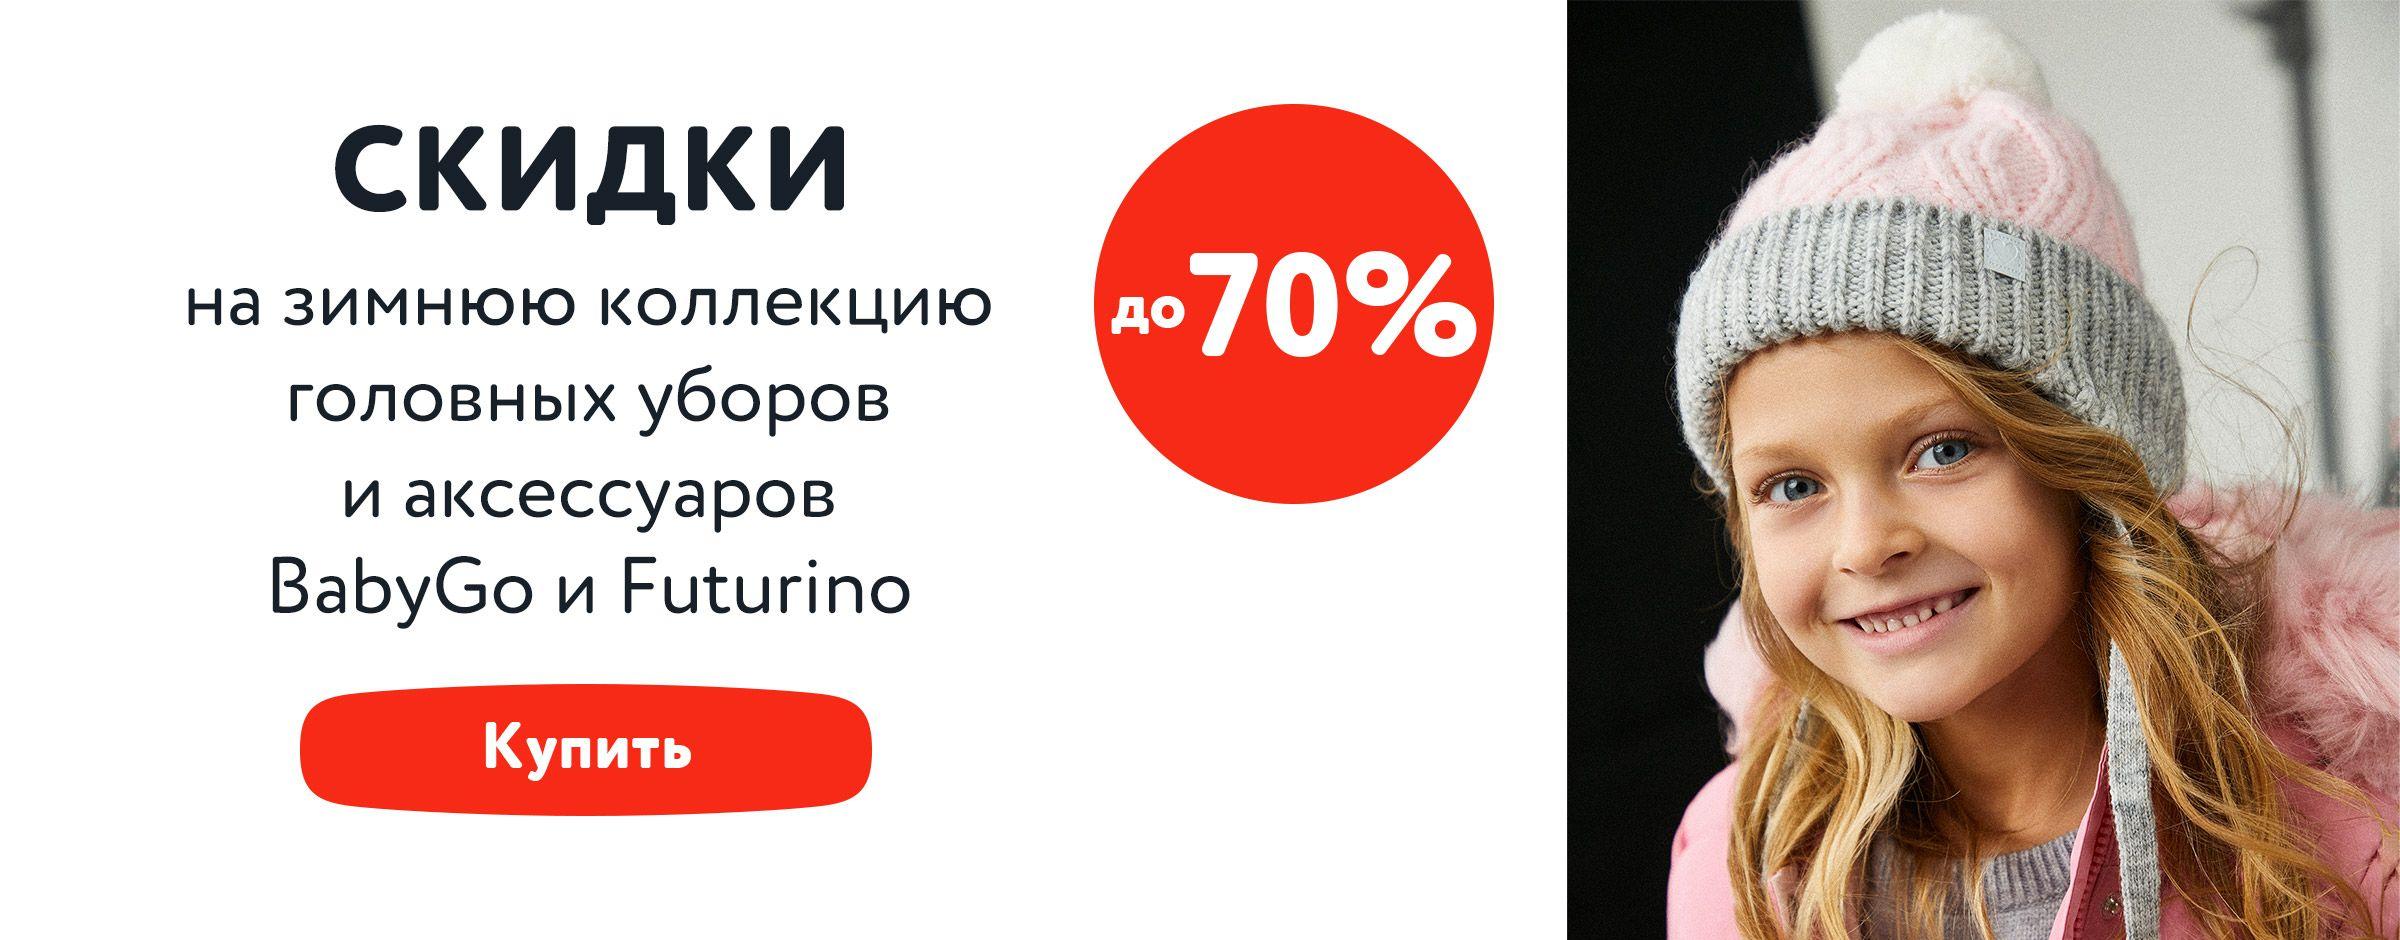 До 70% на зимнюю коллекцию головных уборов и аксессуаров BabyGo и Futurino статика + категория